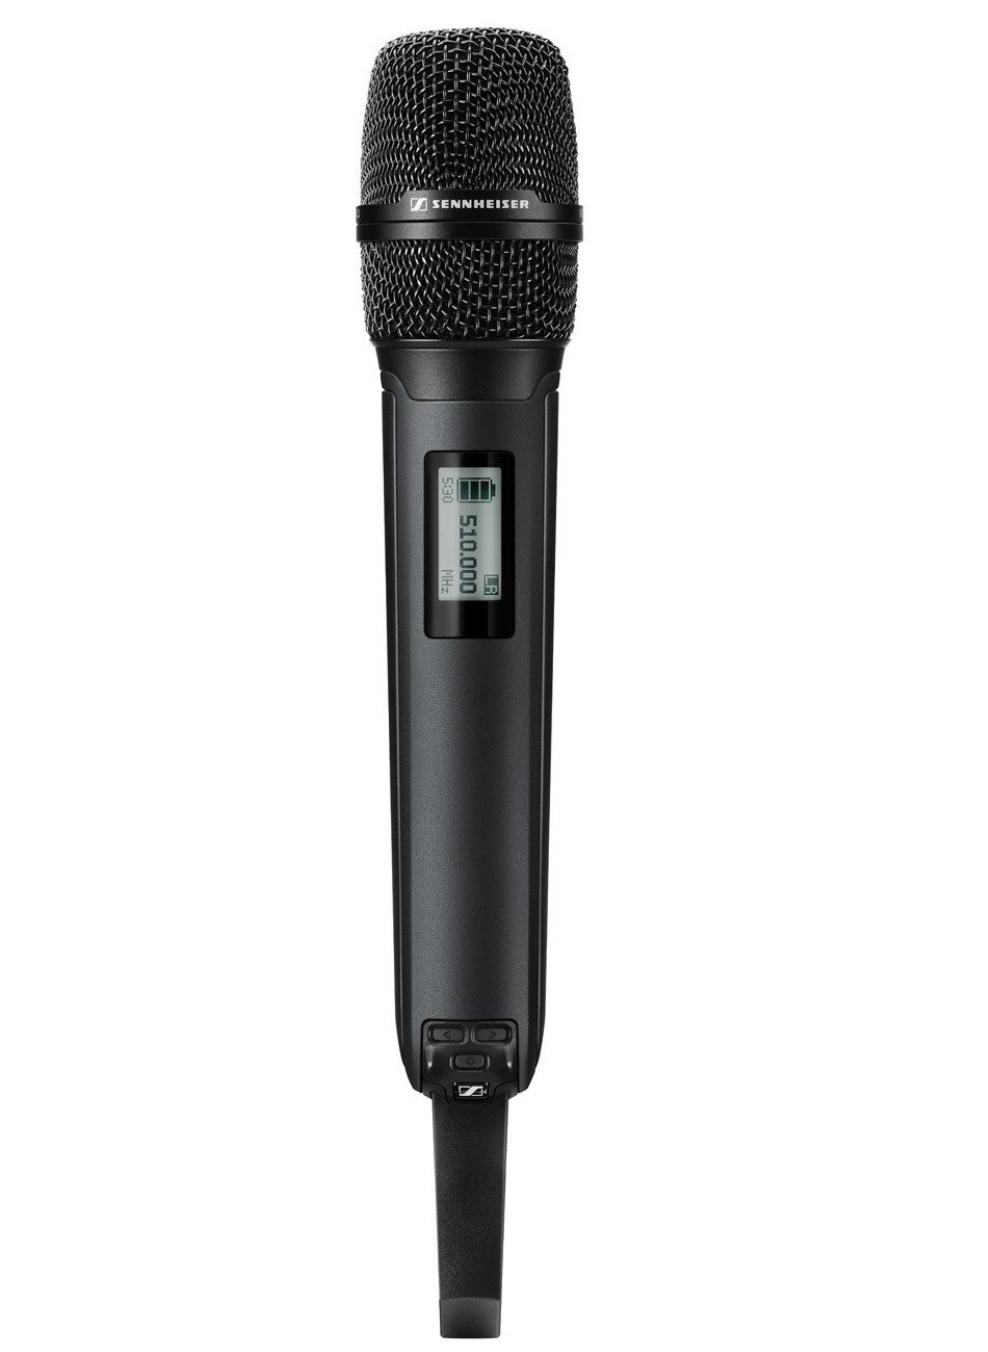 SKM 6000 BK A1-A4 - Emetteur manuel, numérique, mode LR, AES 256, noir, avec pince micro, 470-558 MHz